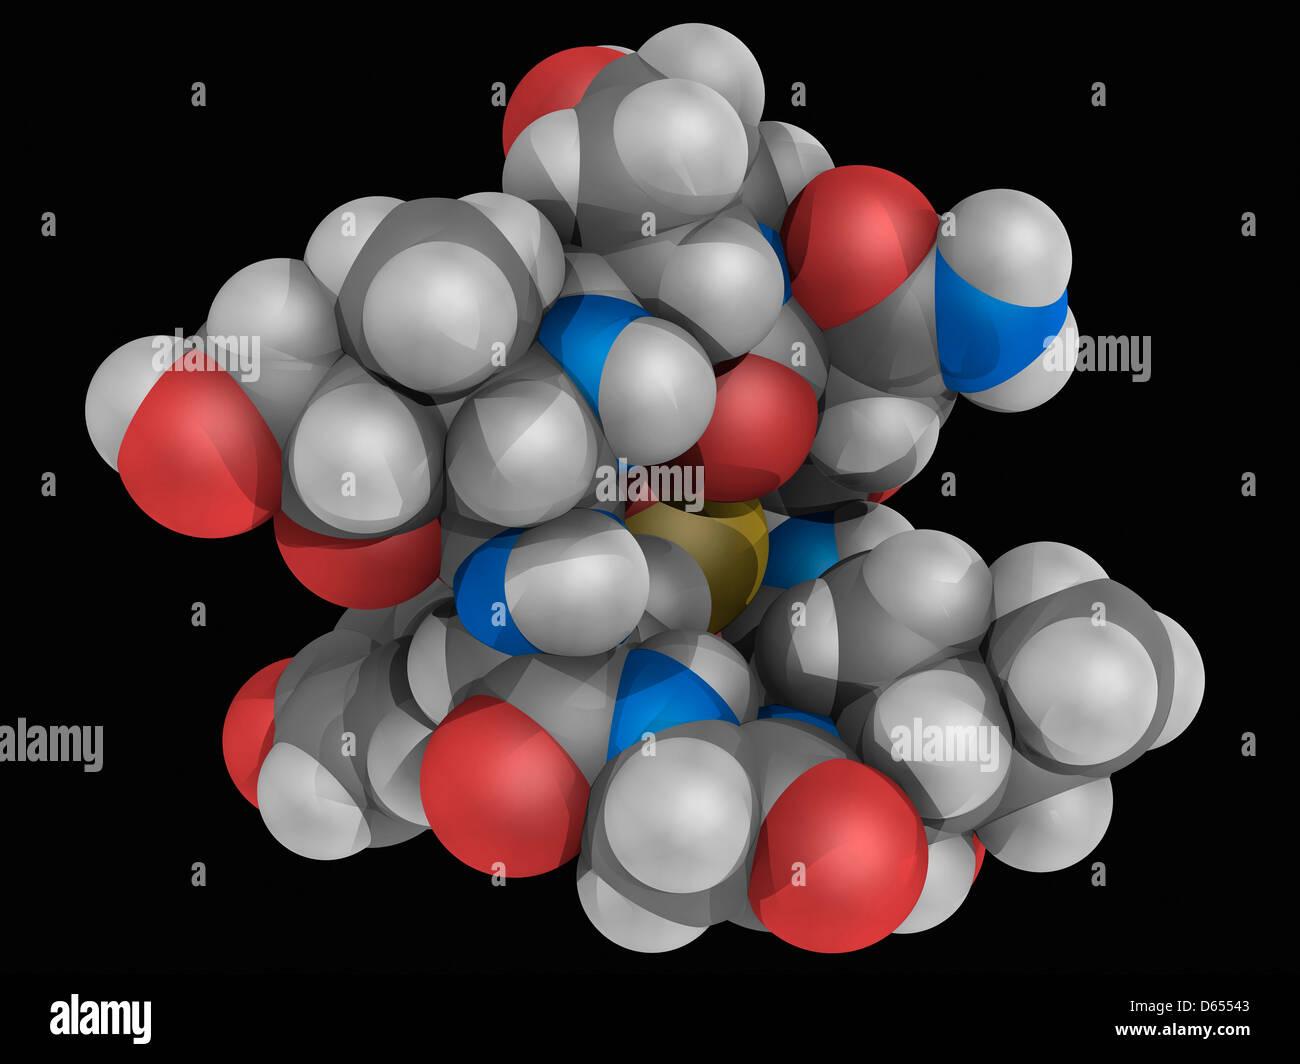 Alpha-Amanitin Toxin Molekül Stockbild